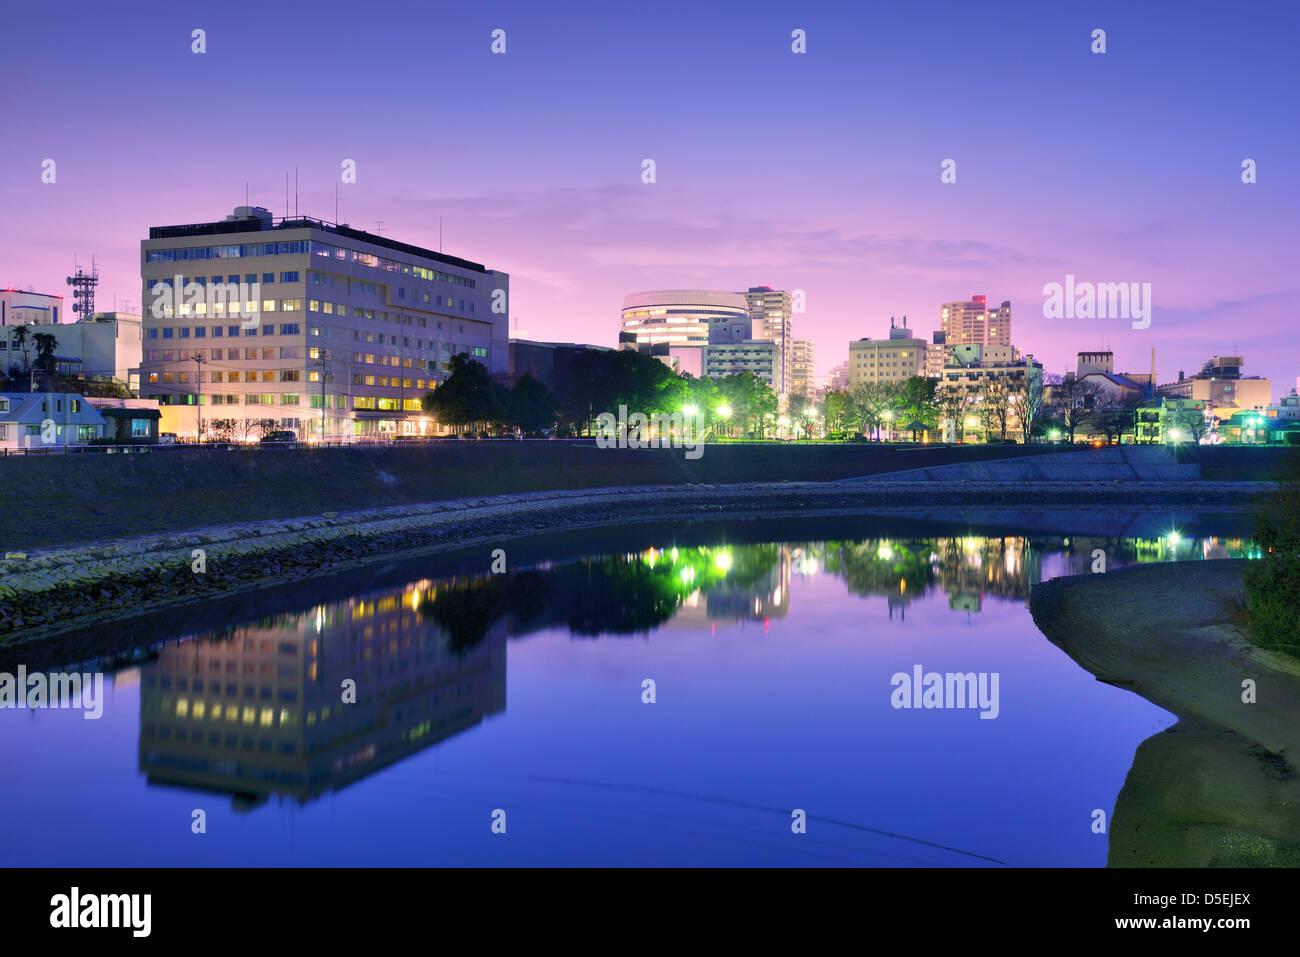 De Okayama, Japón del paisaje urbano en el río Asahi. Imagen De Stock